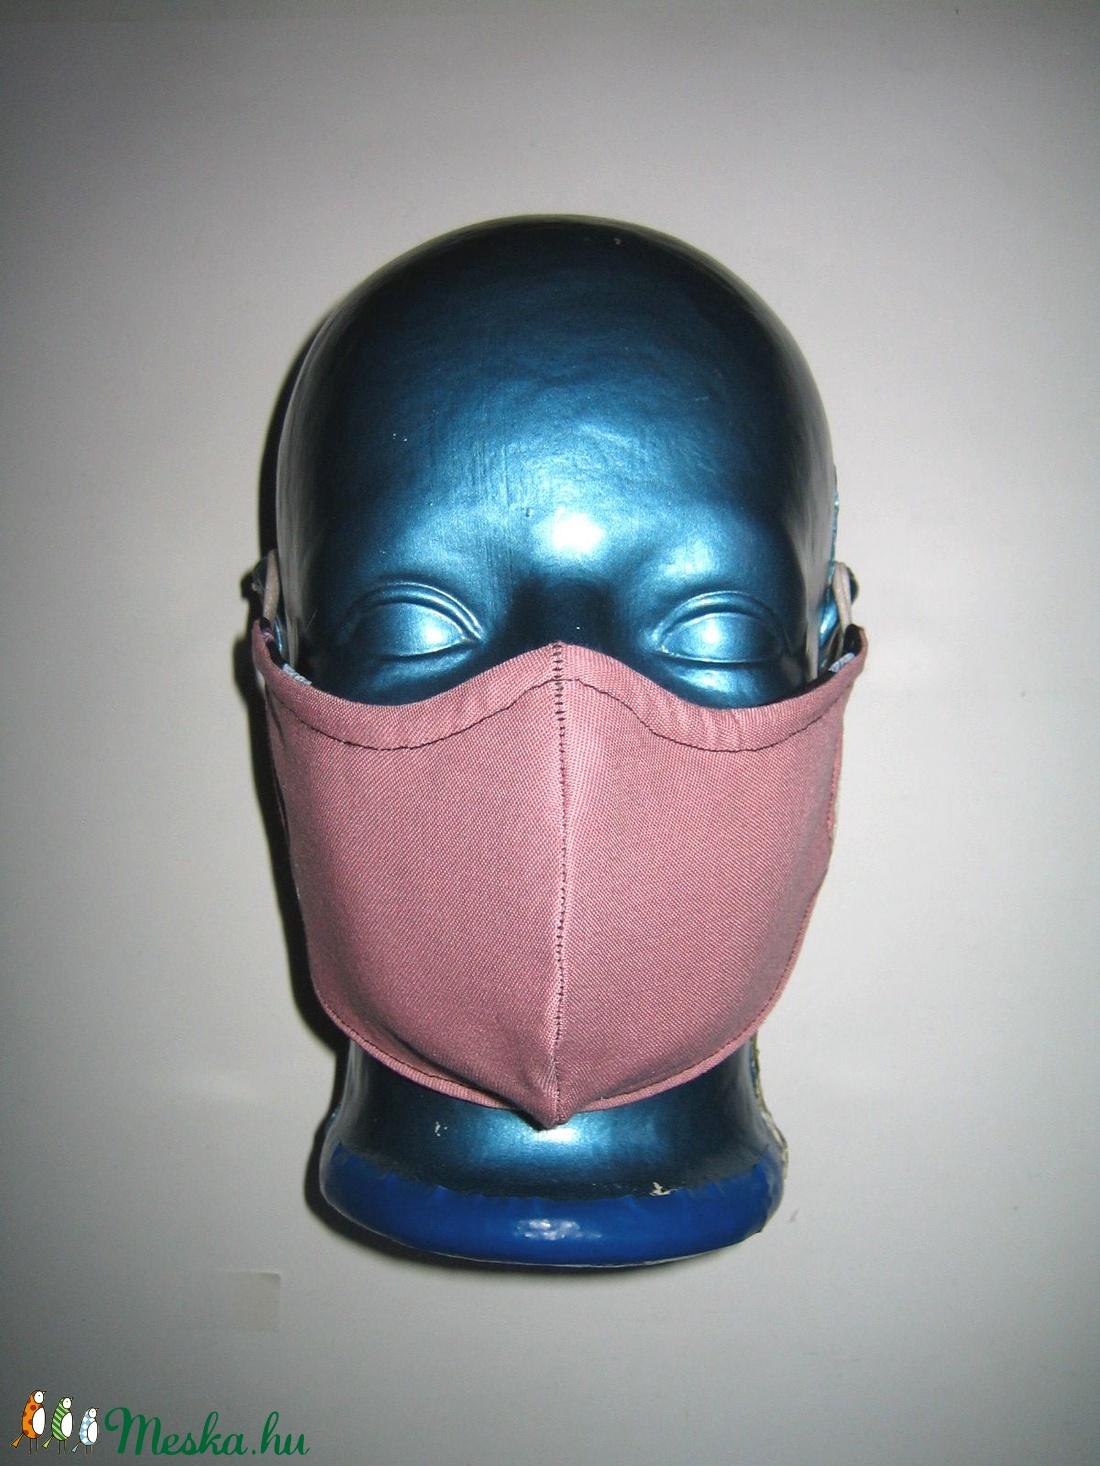 Egyedi- szájmaszk szemüvegeseknek orrmerevítős arcmaszk virágos biciklis maszk  - maszk, arcmaszk - női - Meska.hu